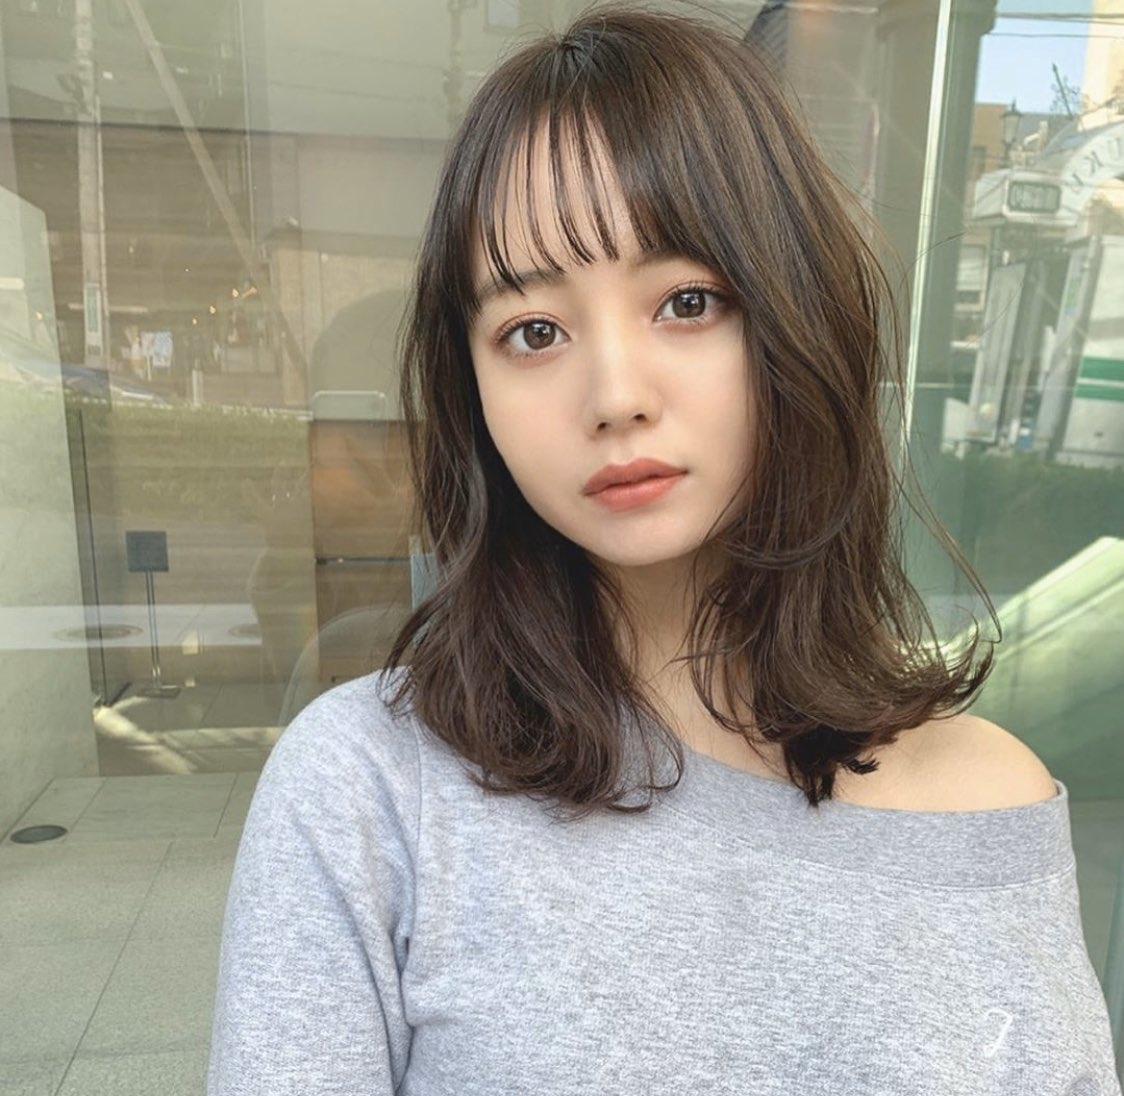 【画像】堀北真希の妹の顔面、開示される。流石にあの姉より可愛いとかないやろなぁ urlポチッ